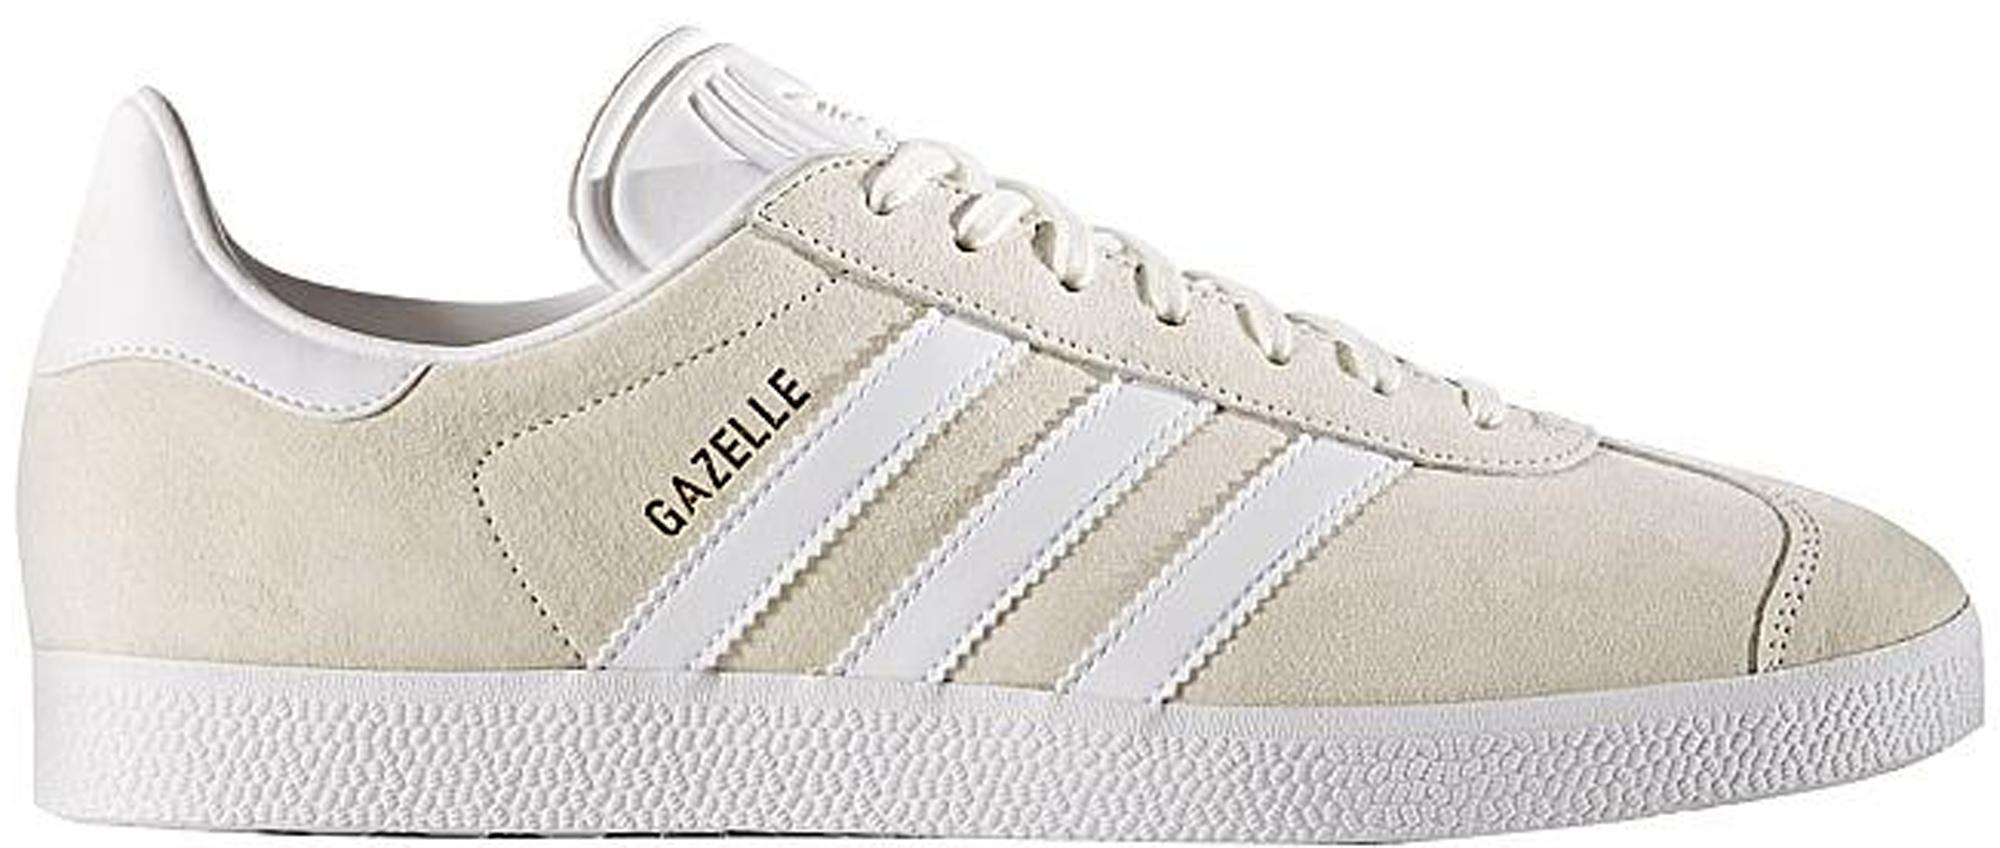 adidas Gazelle Off White Chalk White